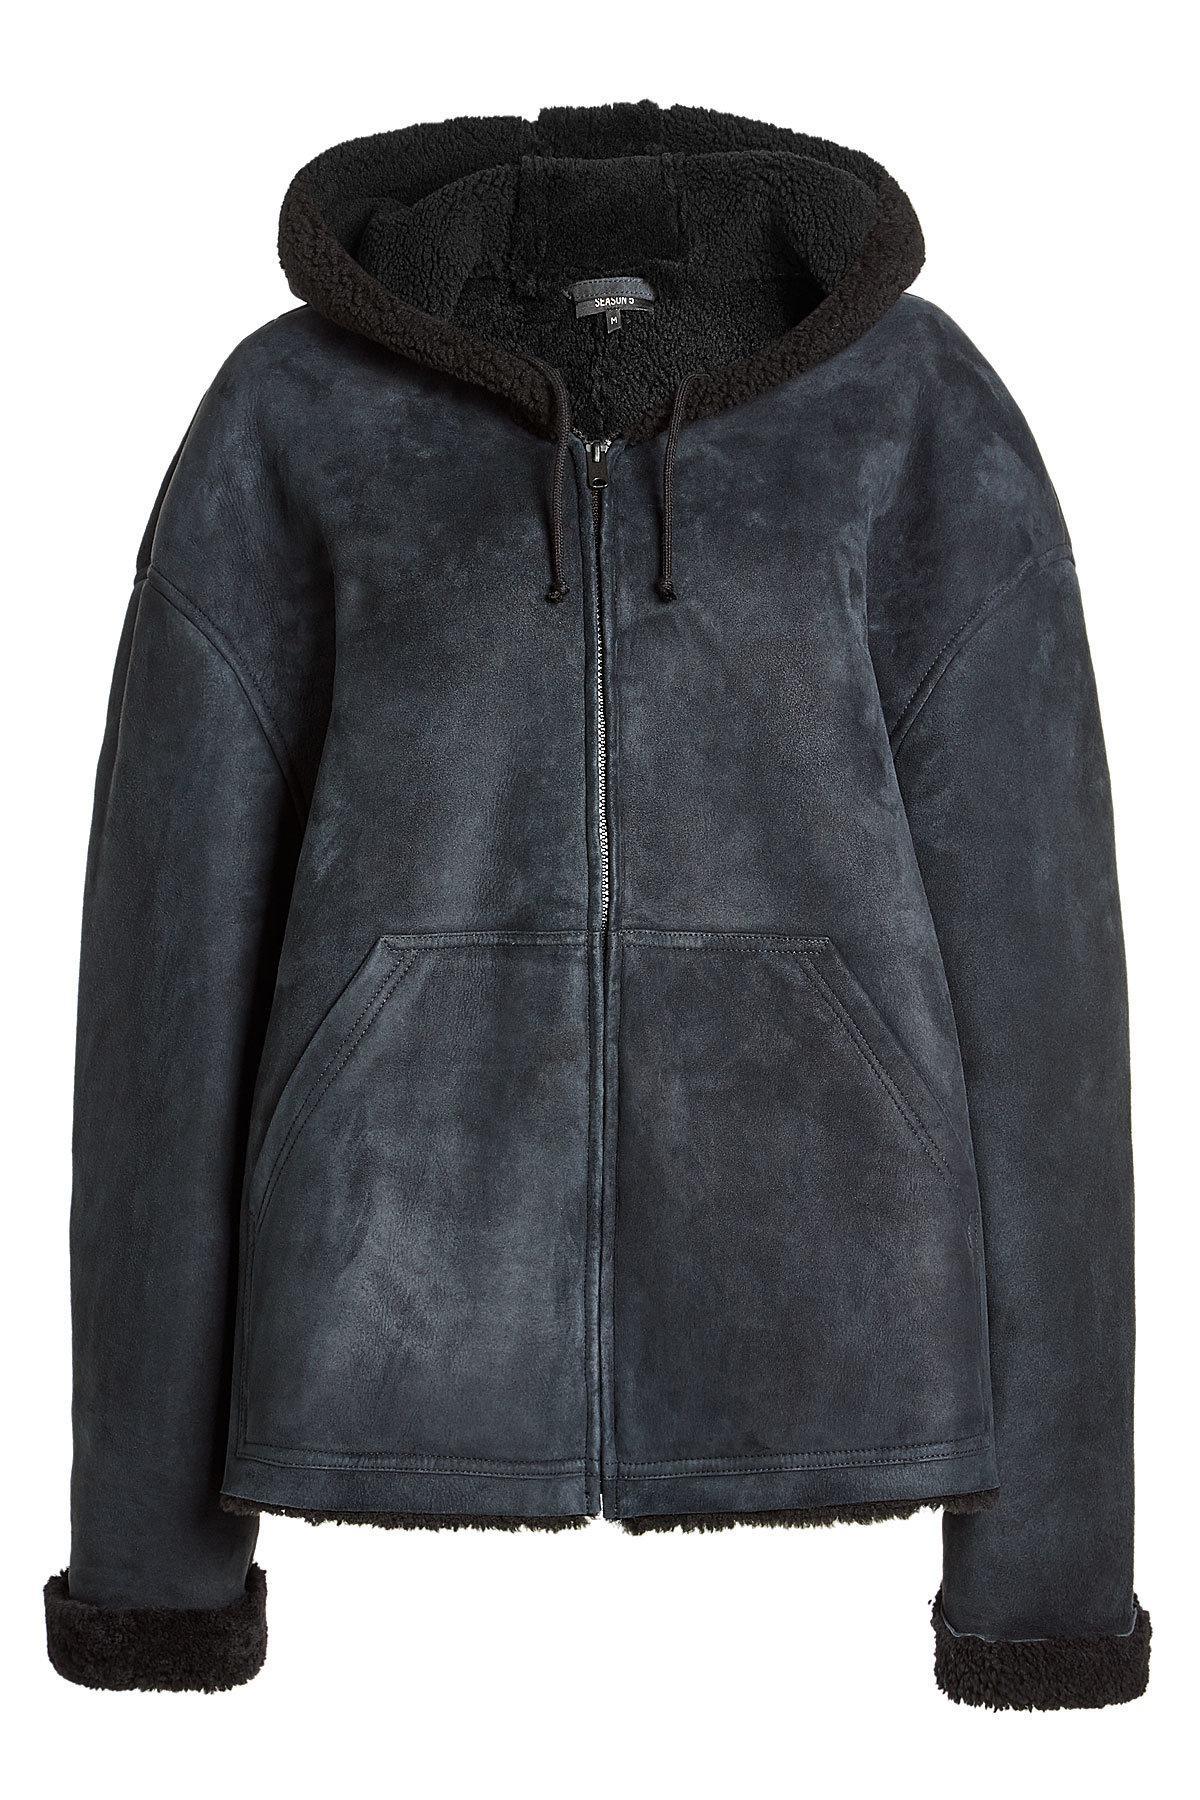 Yeezy Shearling Jacket In Blue